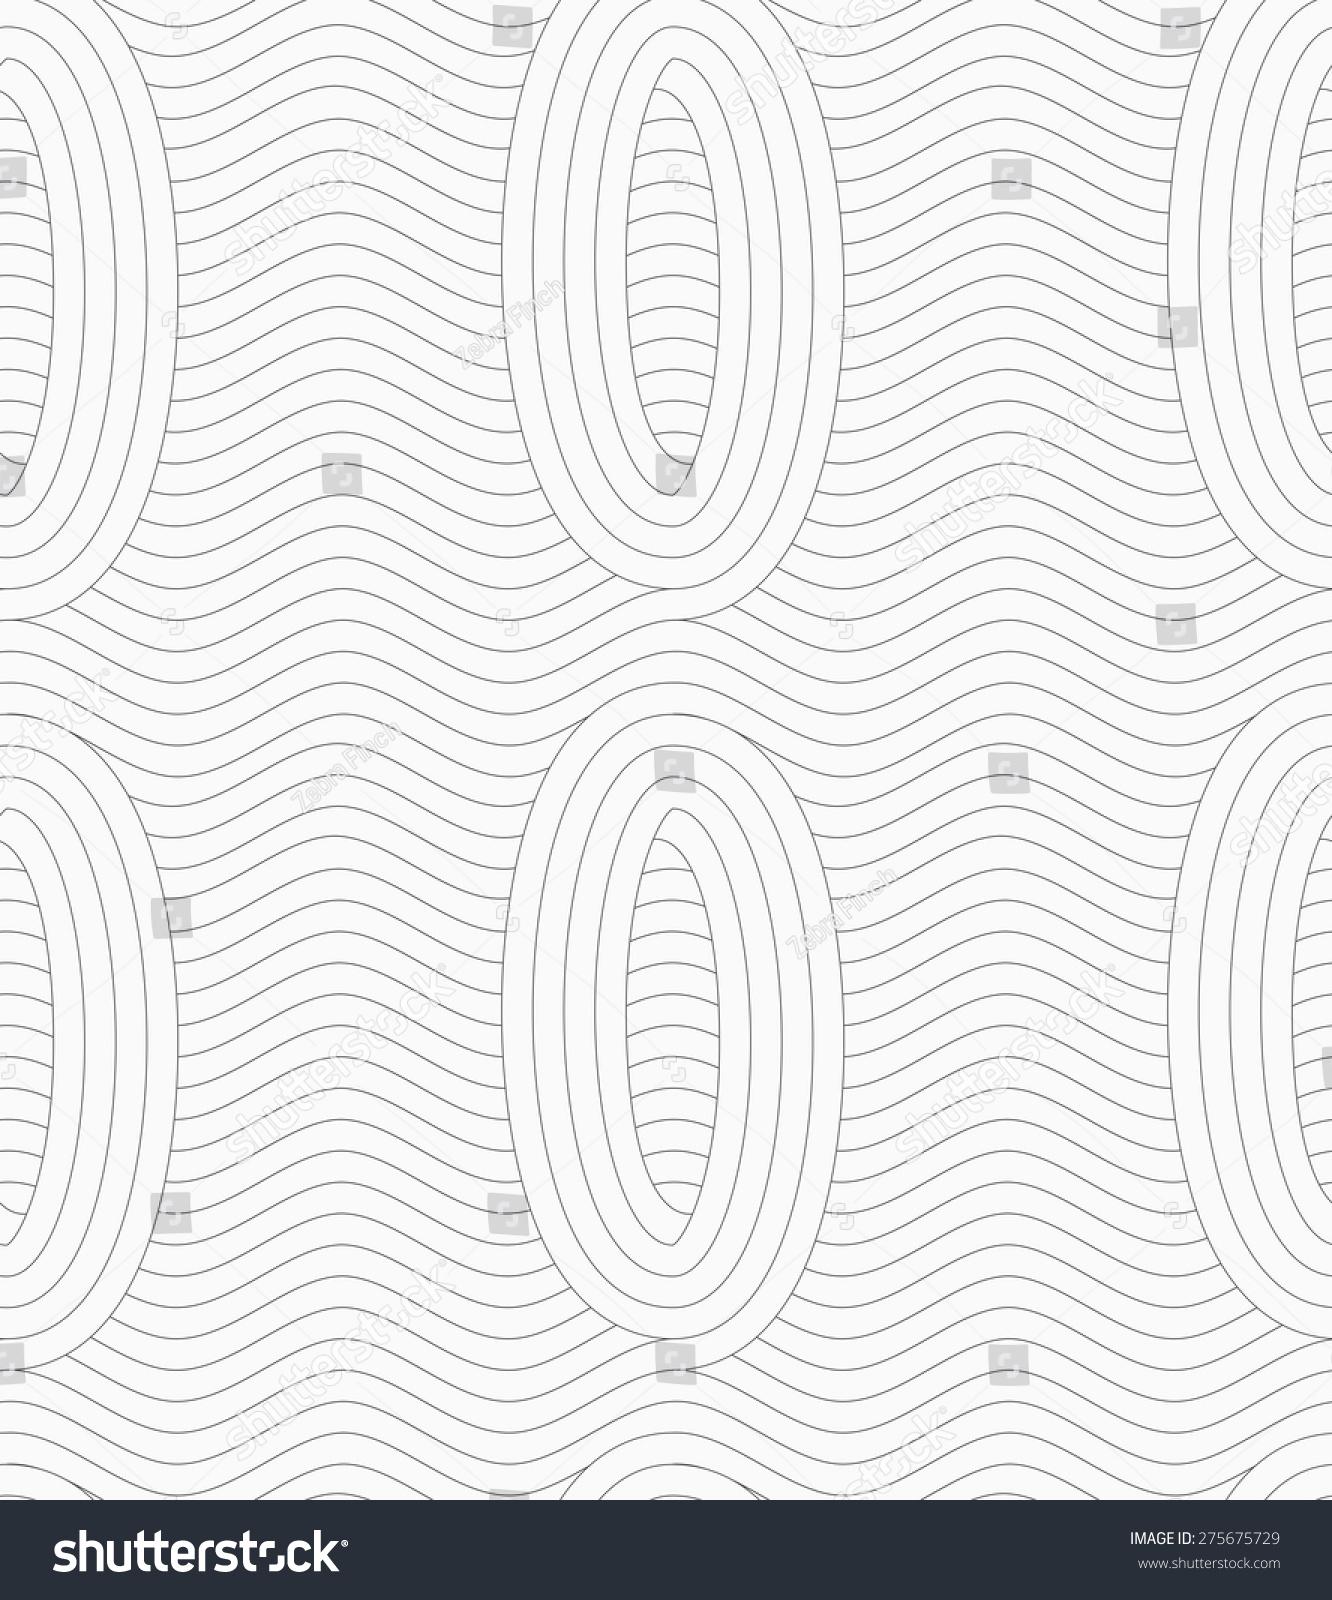 單色抽象幾何圖形.現代灰色無縫背景.平面設計簡單